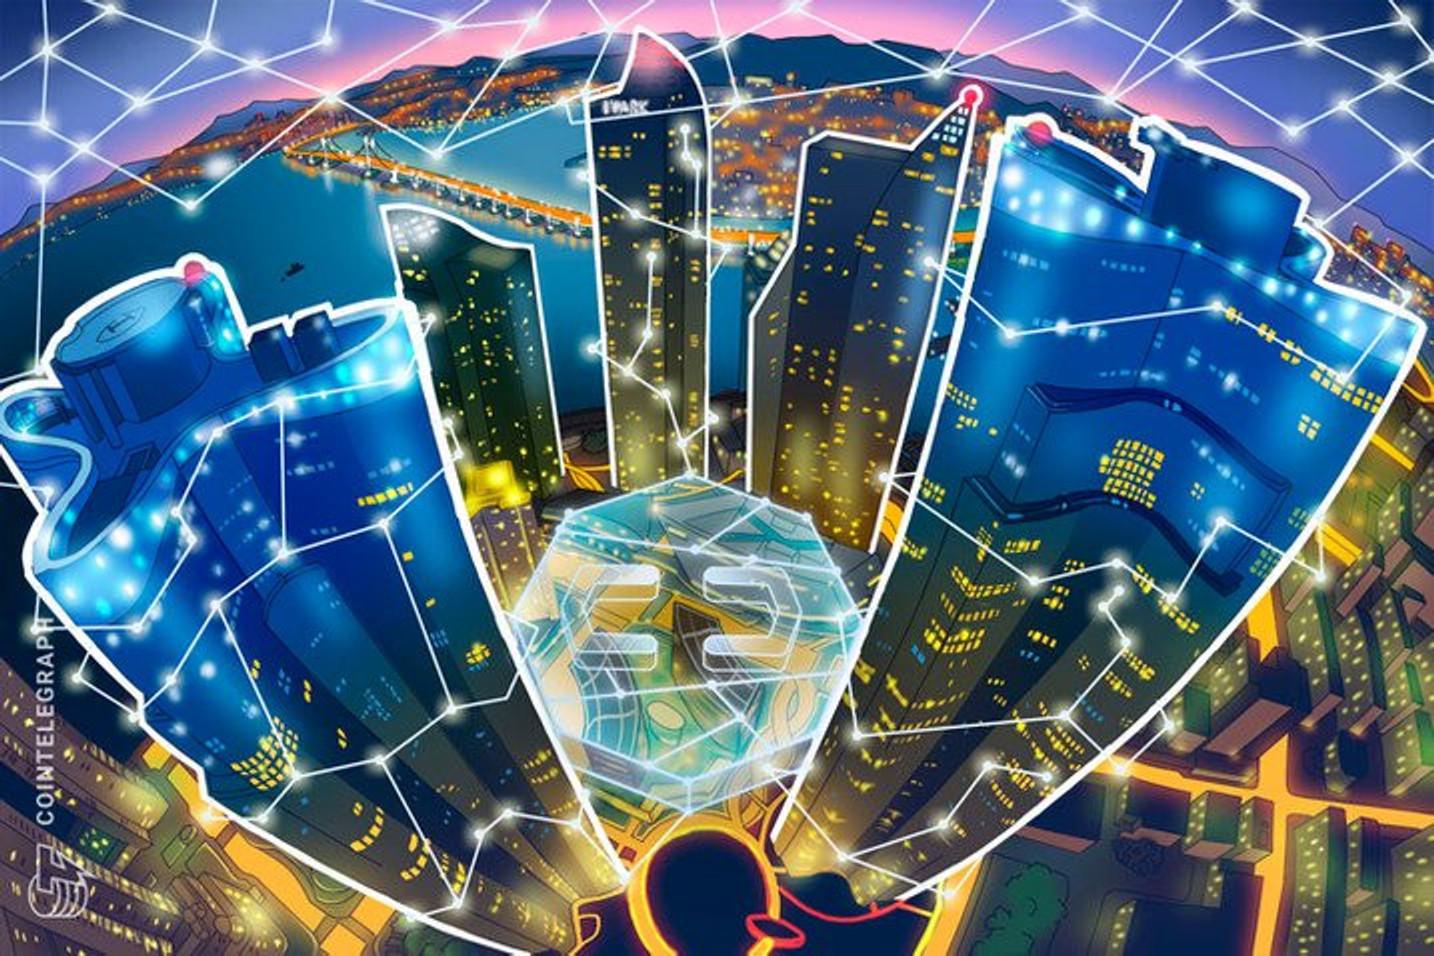 Governo Federal vai investir quase R$ 3 milhões em solução que une blockchain e IoT